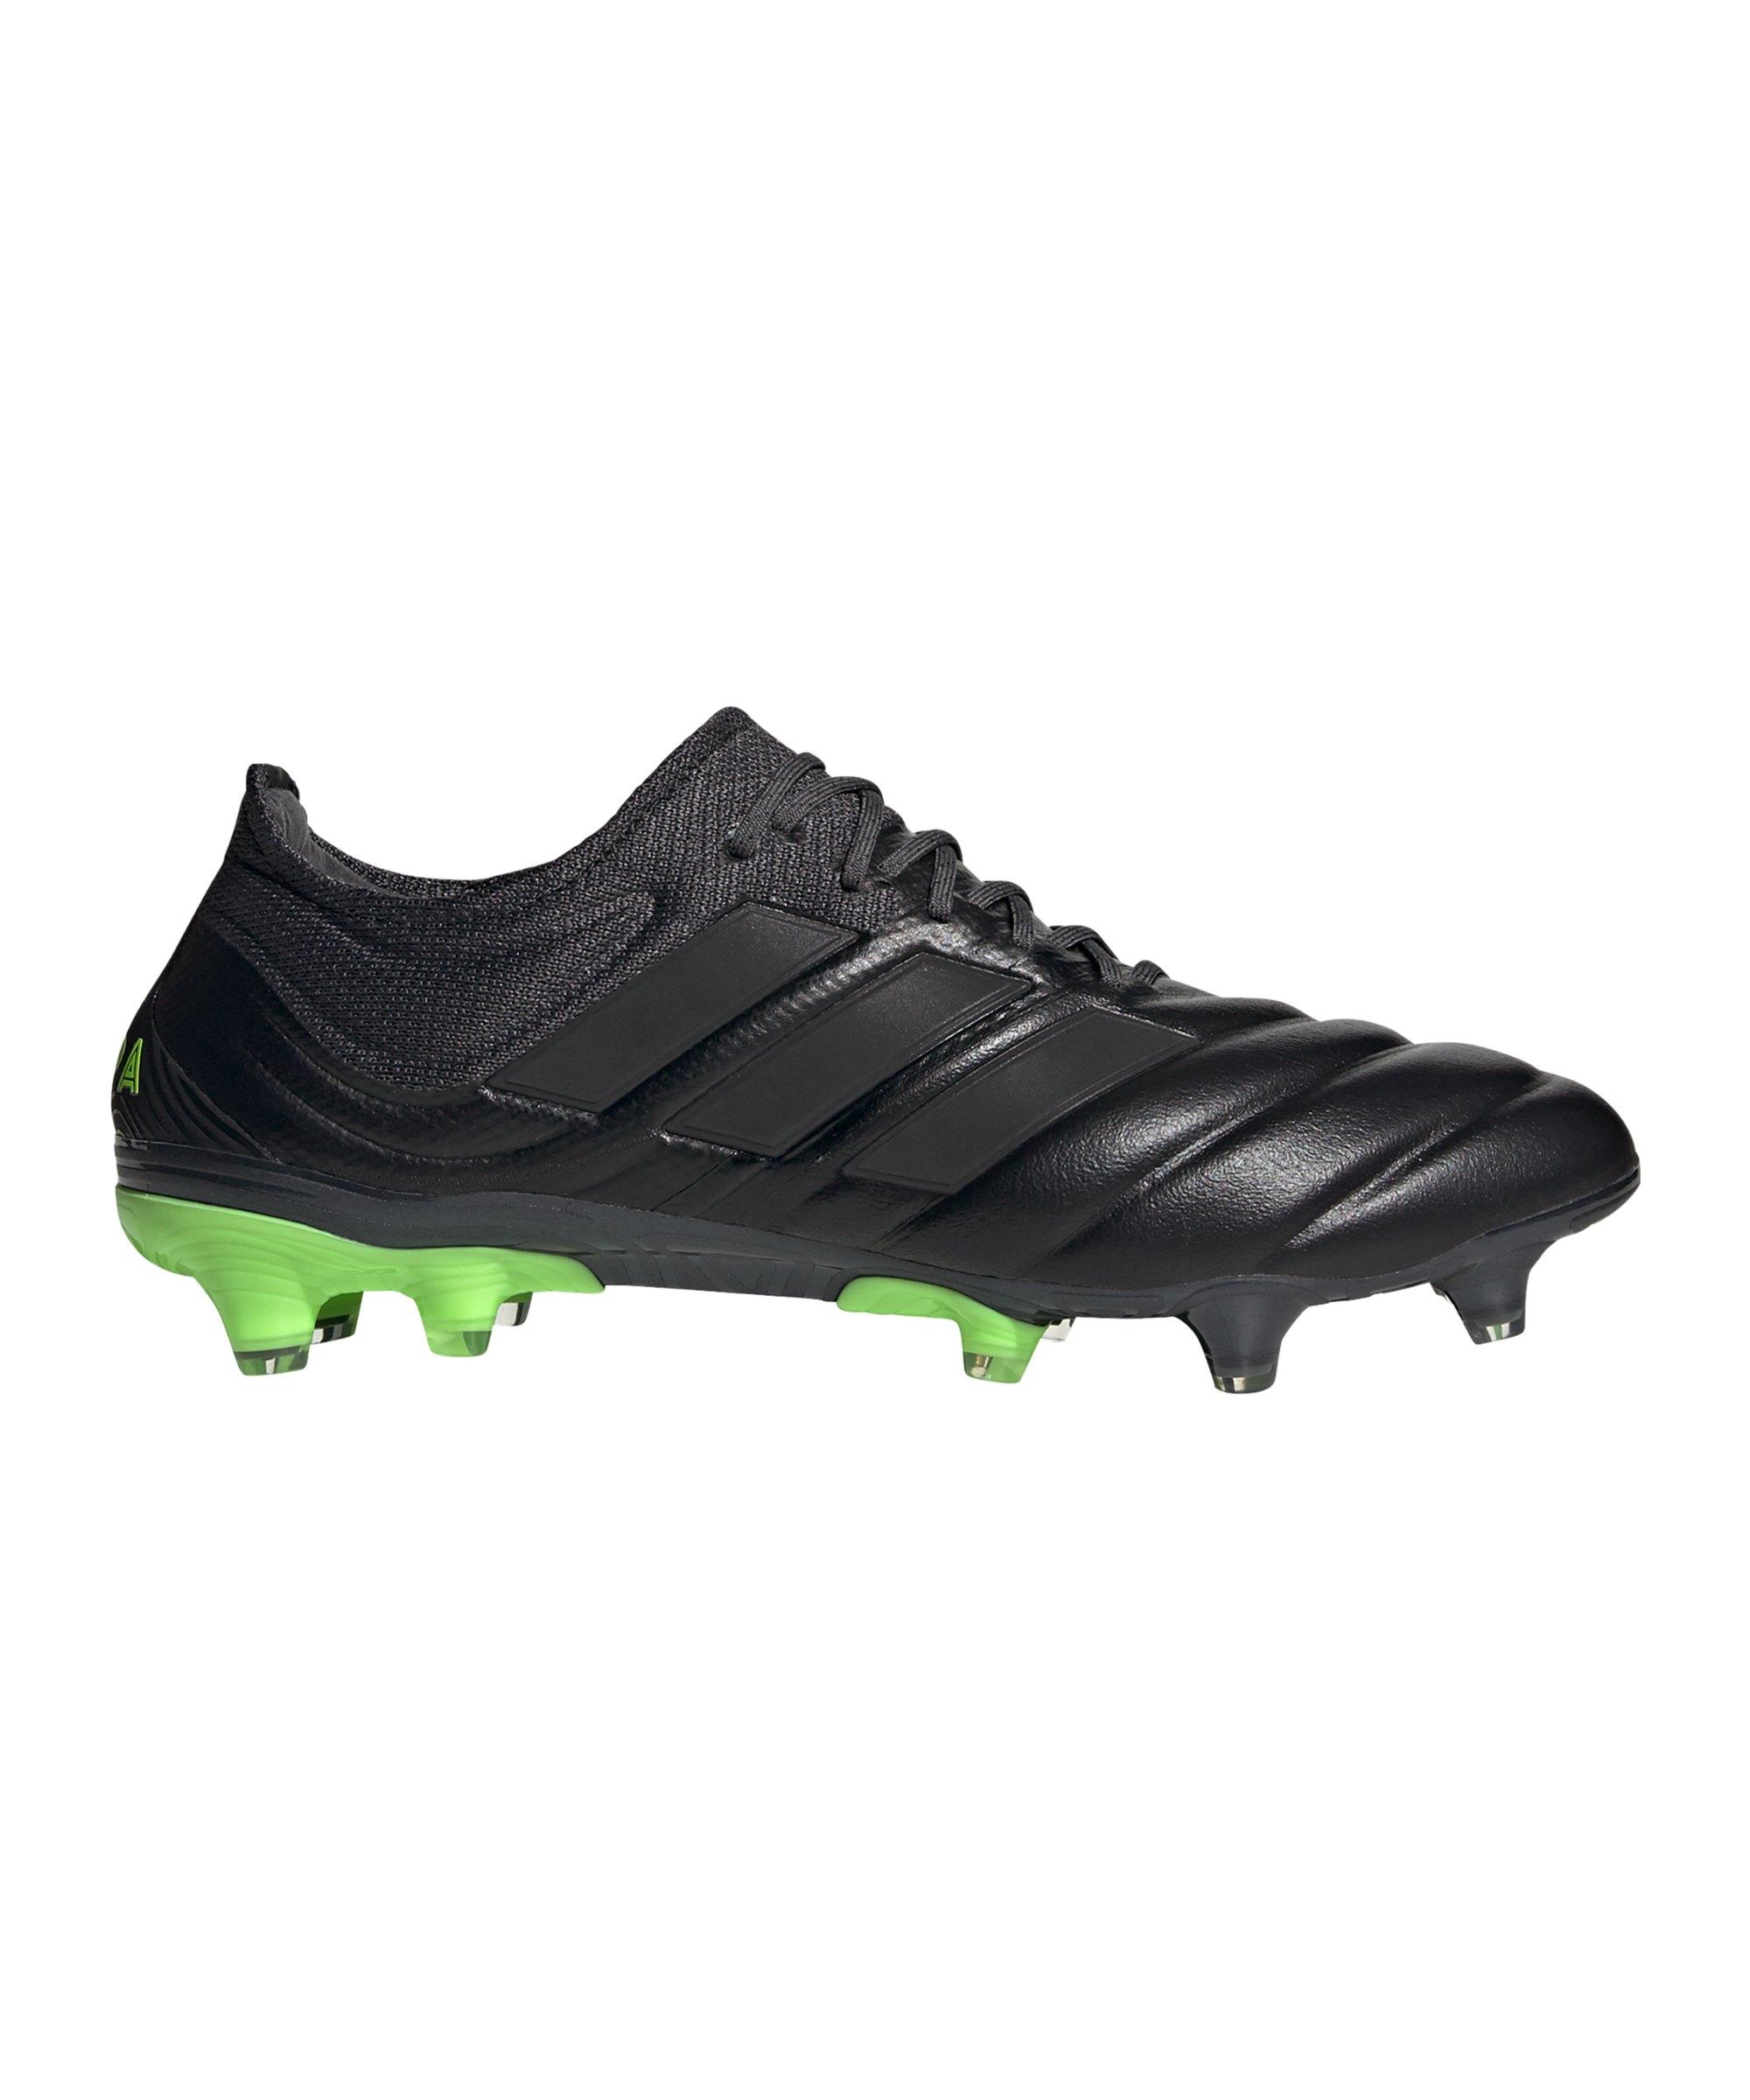 adidas COPA Dark Motion 20.1 FG Schwarz Grün - schwarz